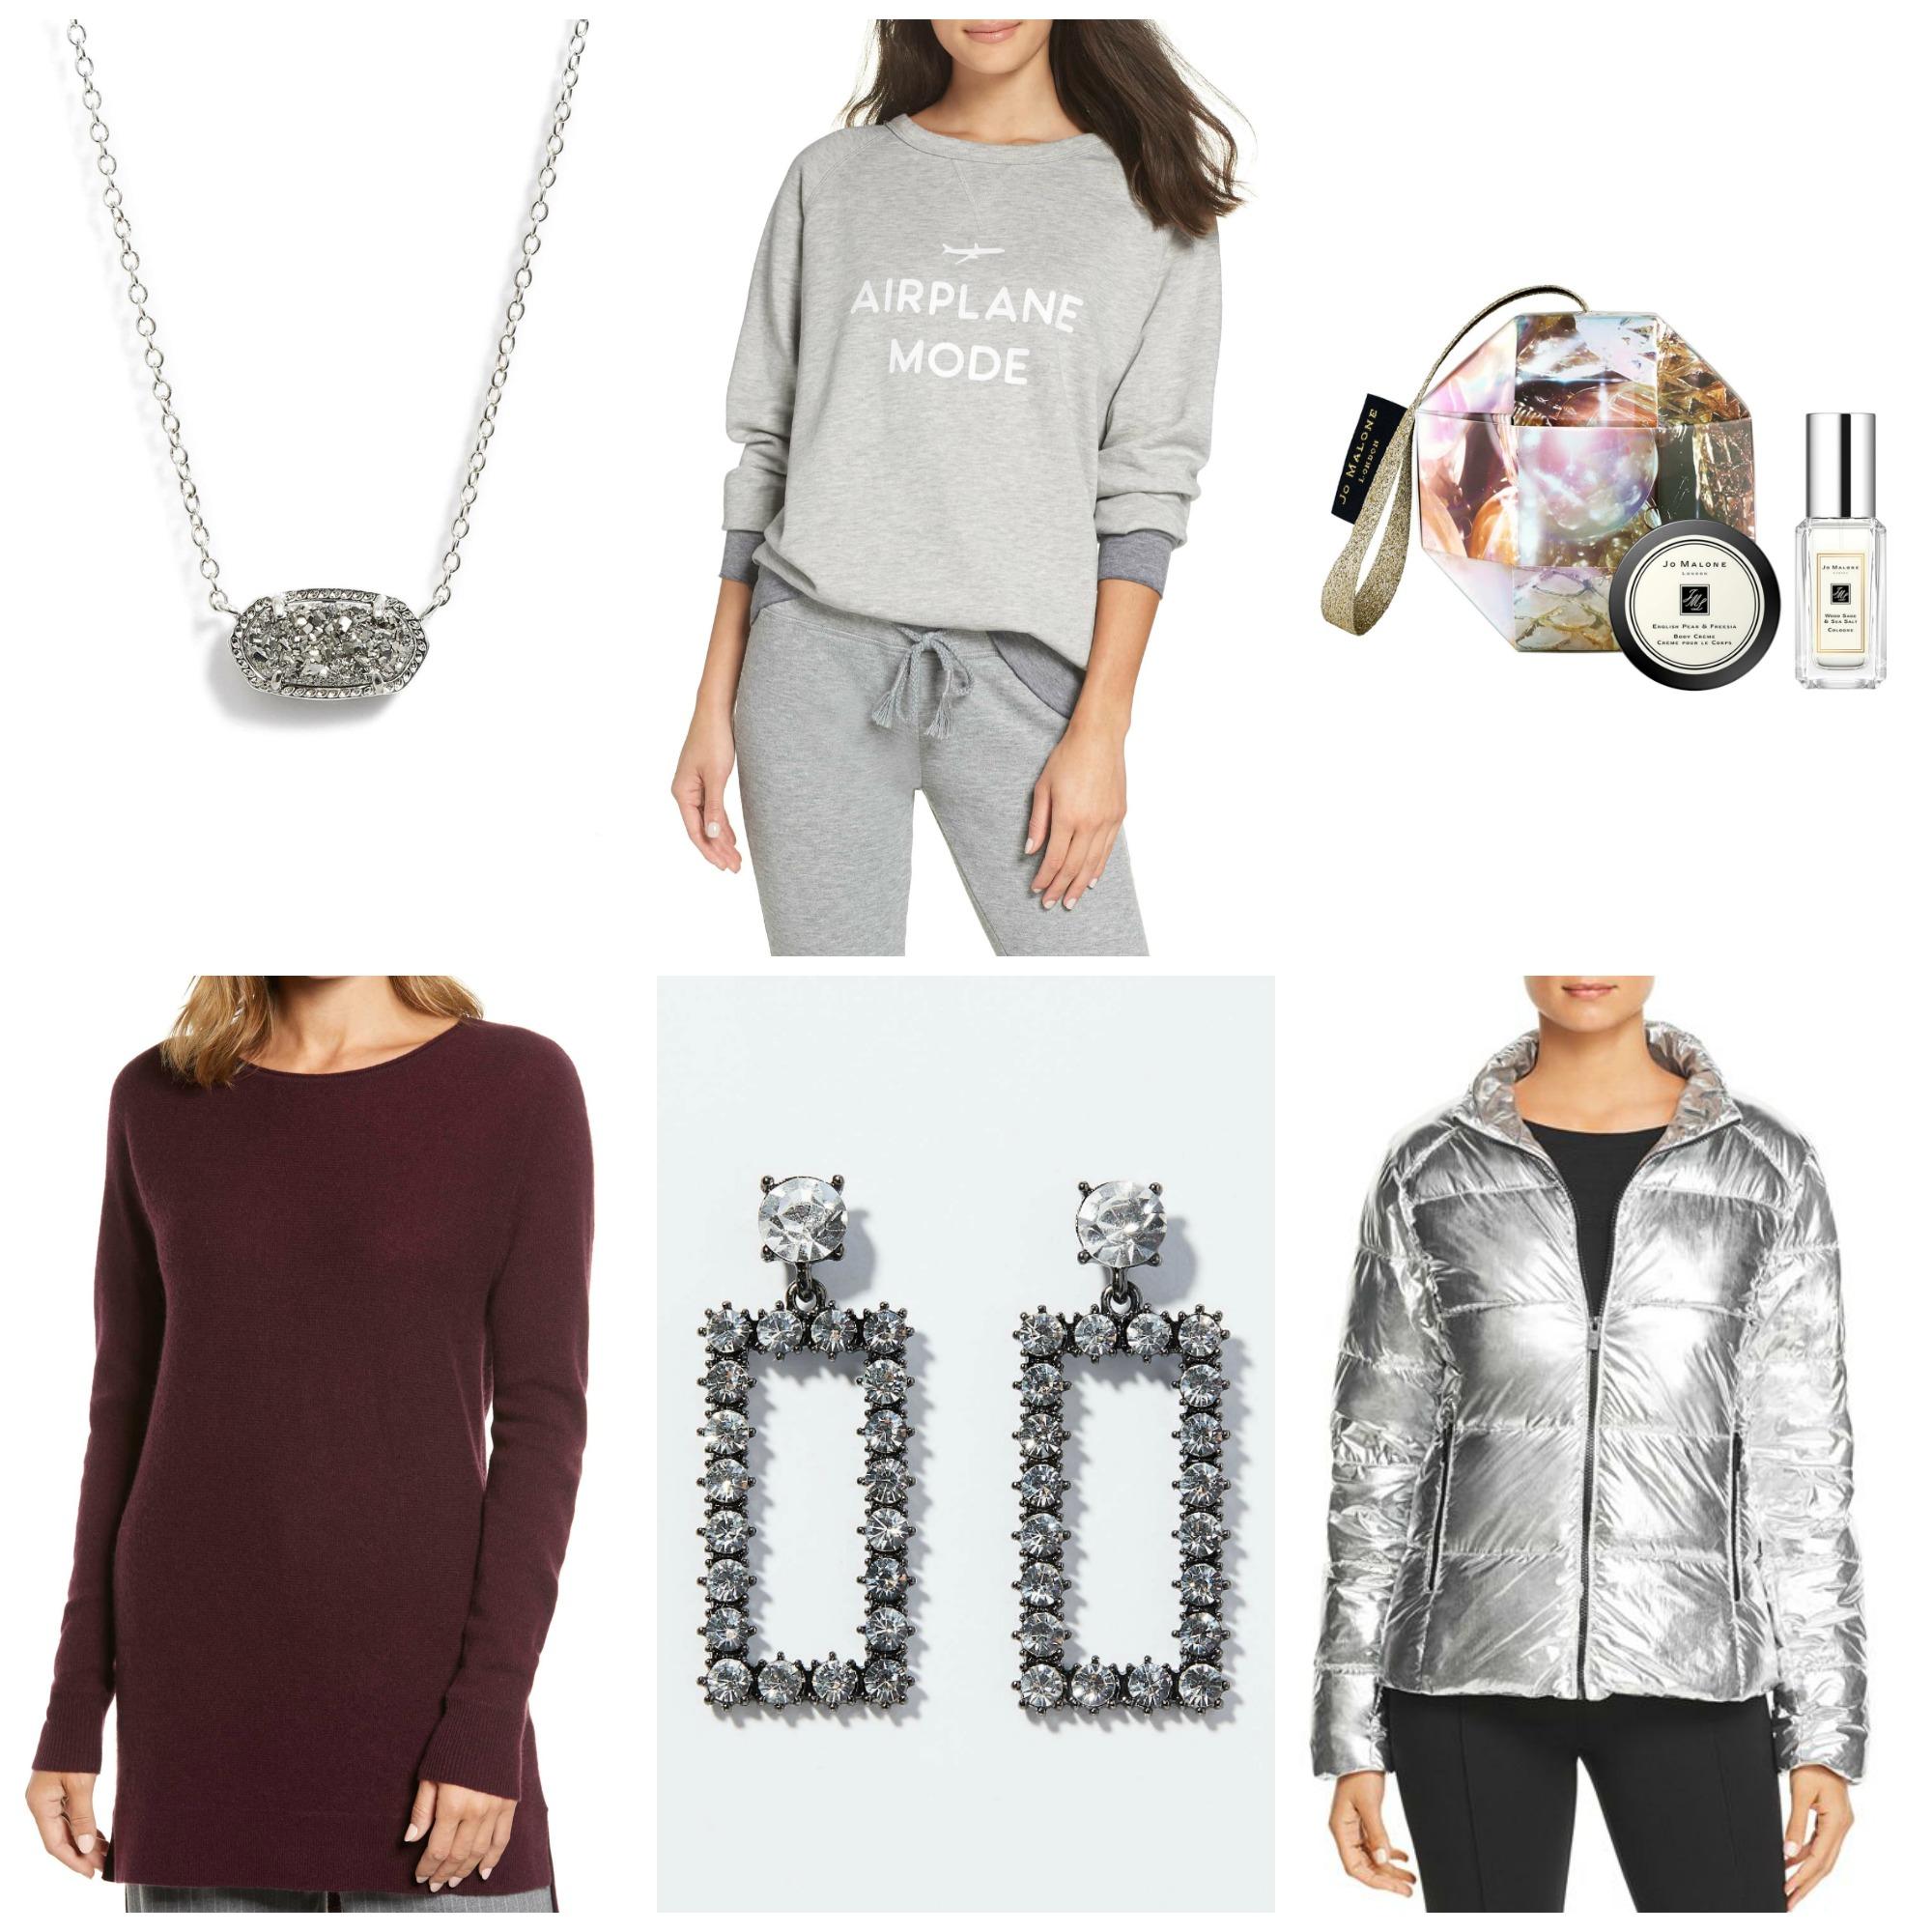 gifts for women over 40, stye blogger gift guide